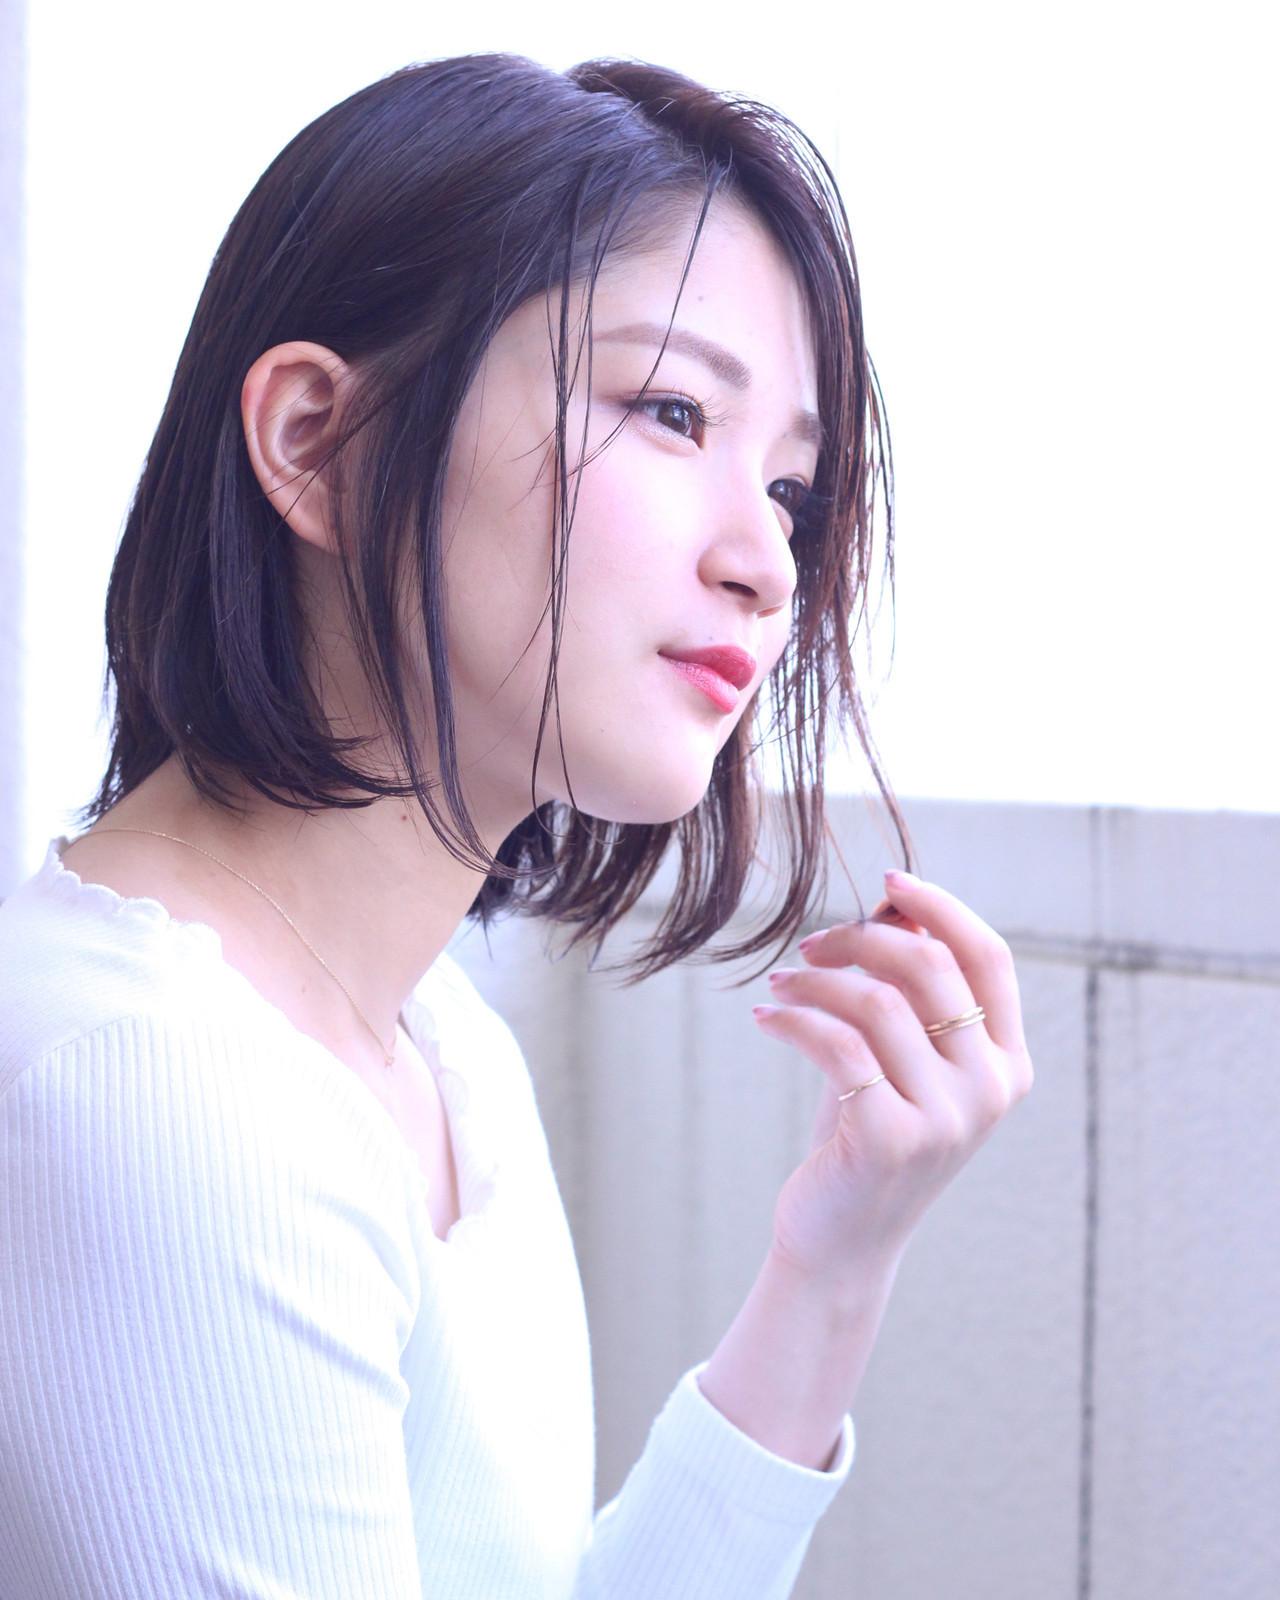 大人の色っぽさを引き出すバイオレット 松田 和幸 / K.Y.A.